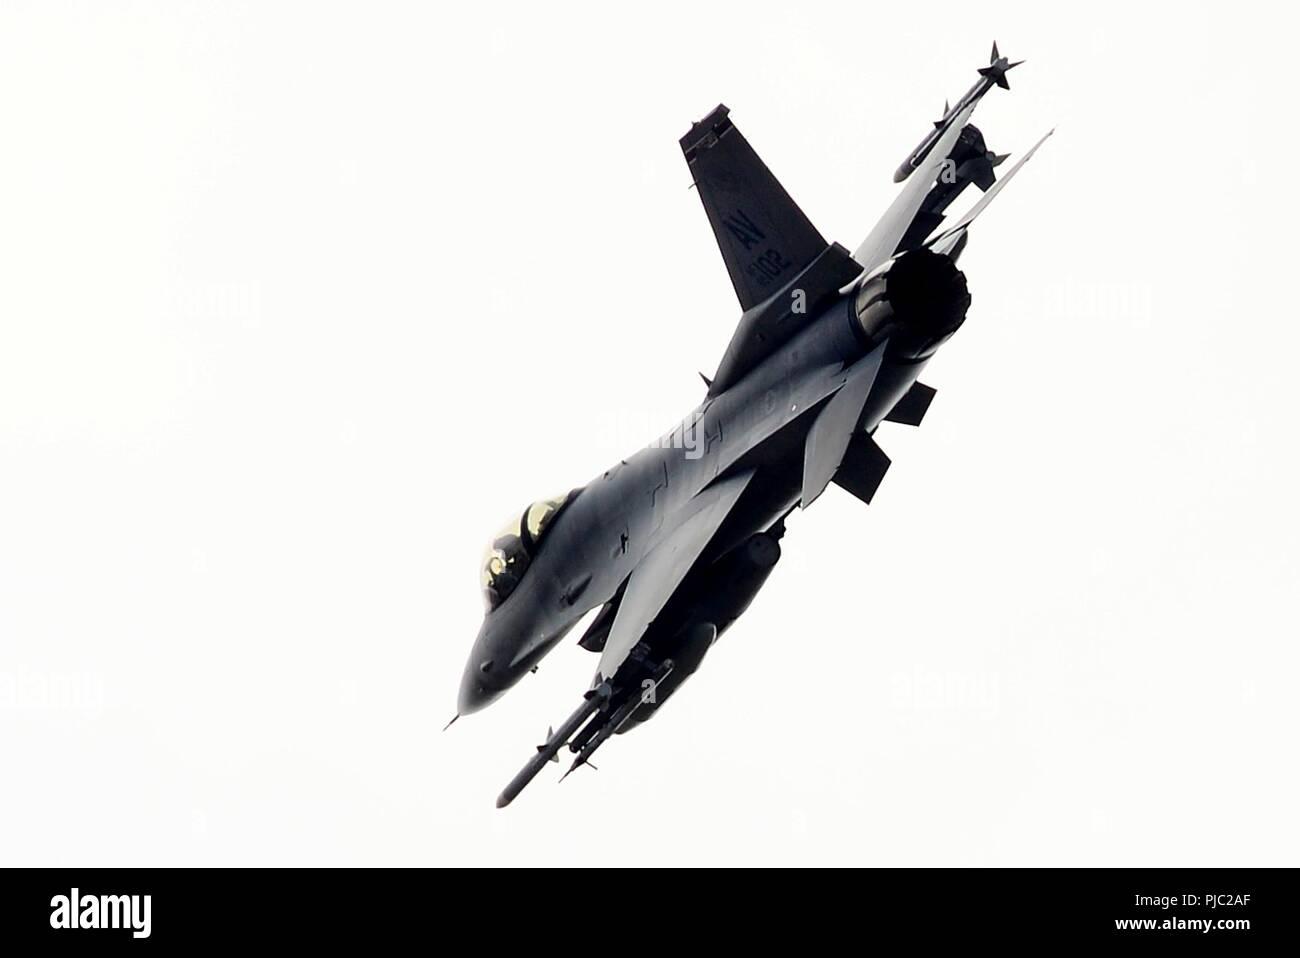 Un F-16C Fighting Falcon à partir de la 31e Escadre de chasse, 510th Fighter Squadron, la base aérienne d'Aviano, en Italie vole au-dessus de Royal Air Force Lakenheath, Angleterre le 20 juillet 2018. Le 510th FS participent à un événement de formation bilatérale pour améliorer l'interopérabilité, maintenir joint readiness et rassurer nos alliés et partenaires régionaux. Banque D'Images